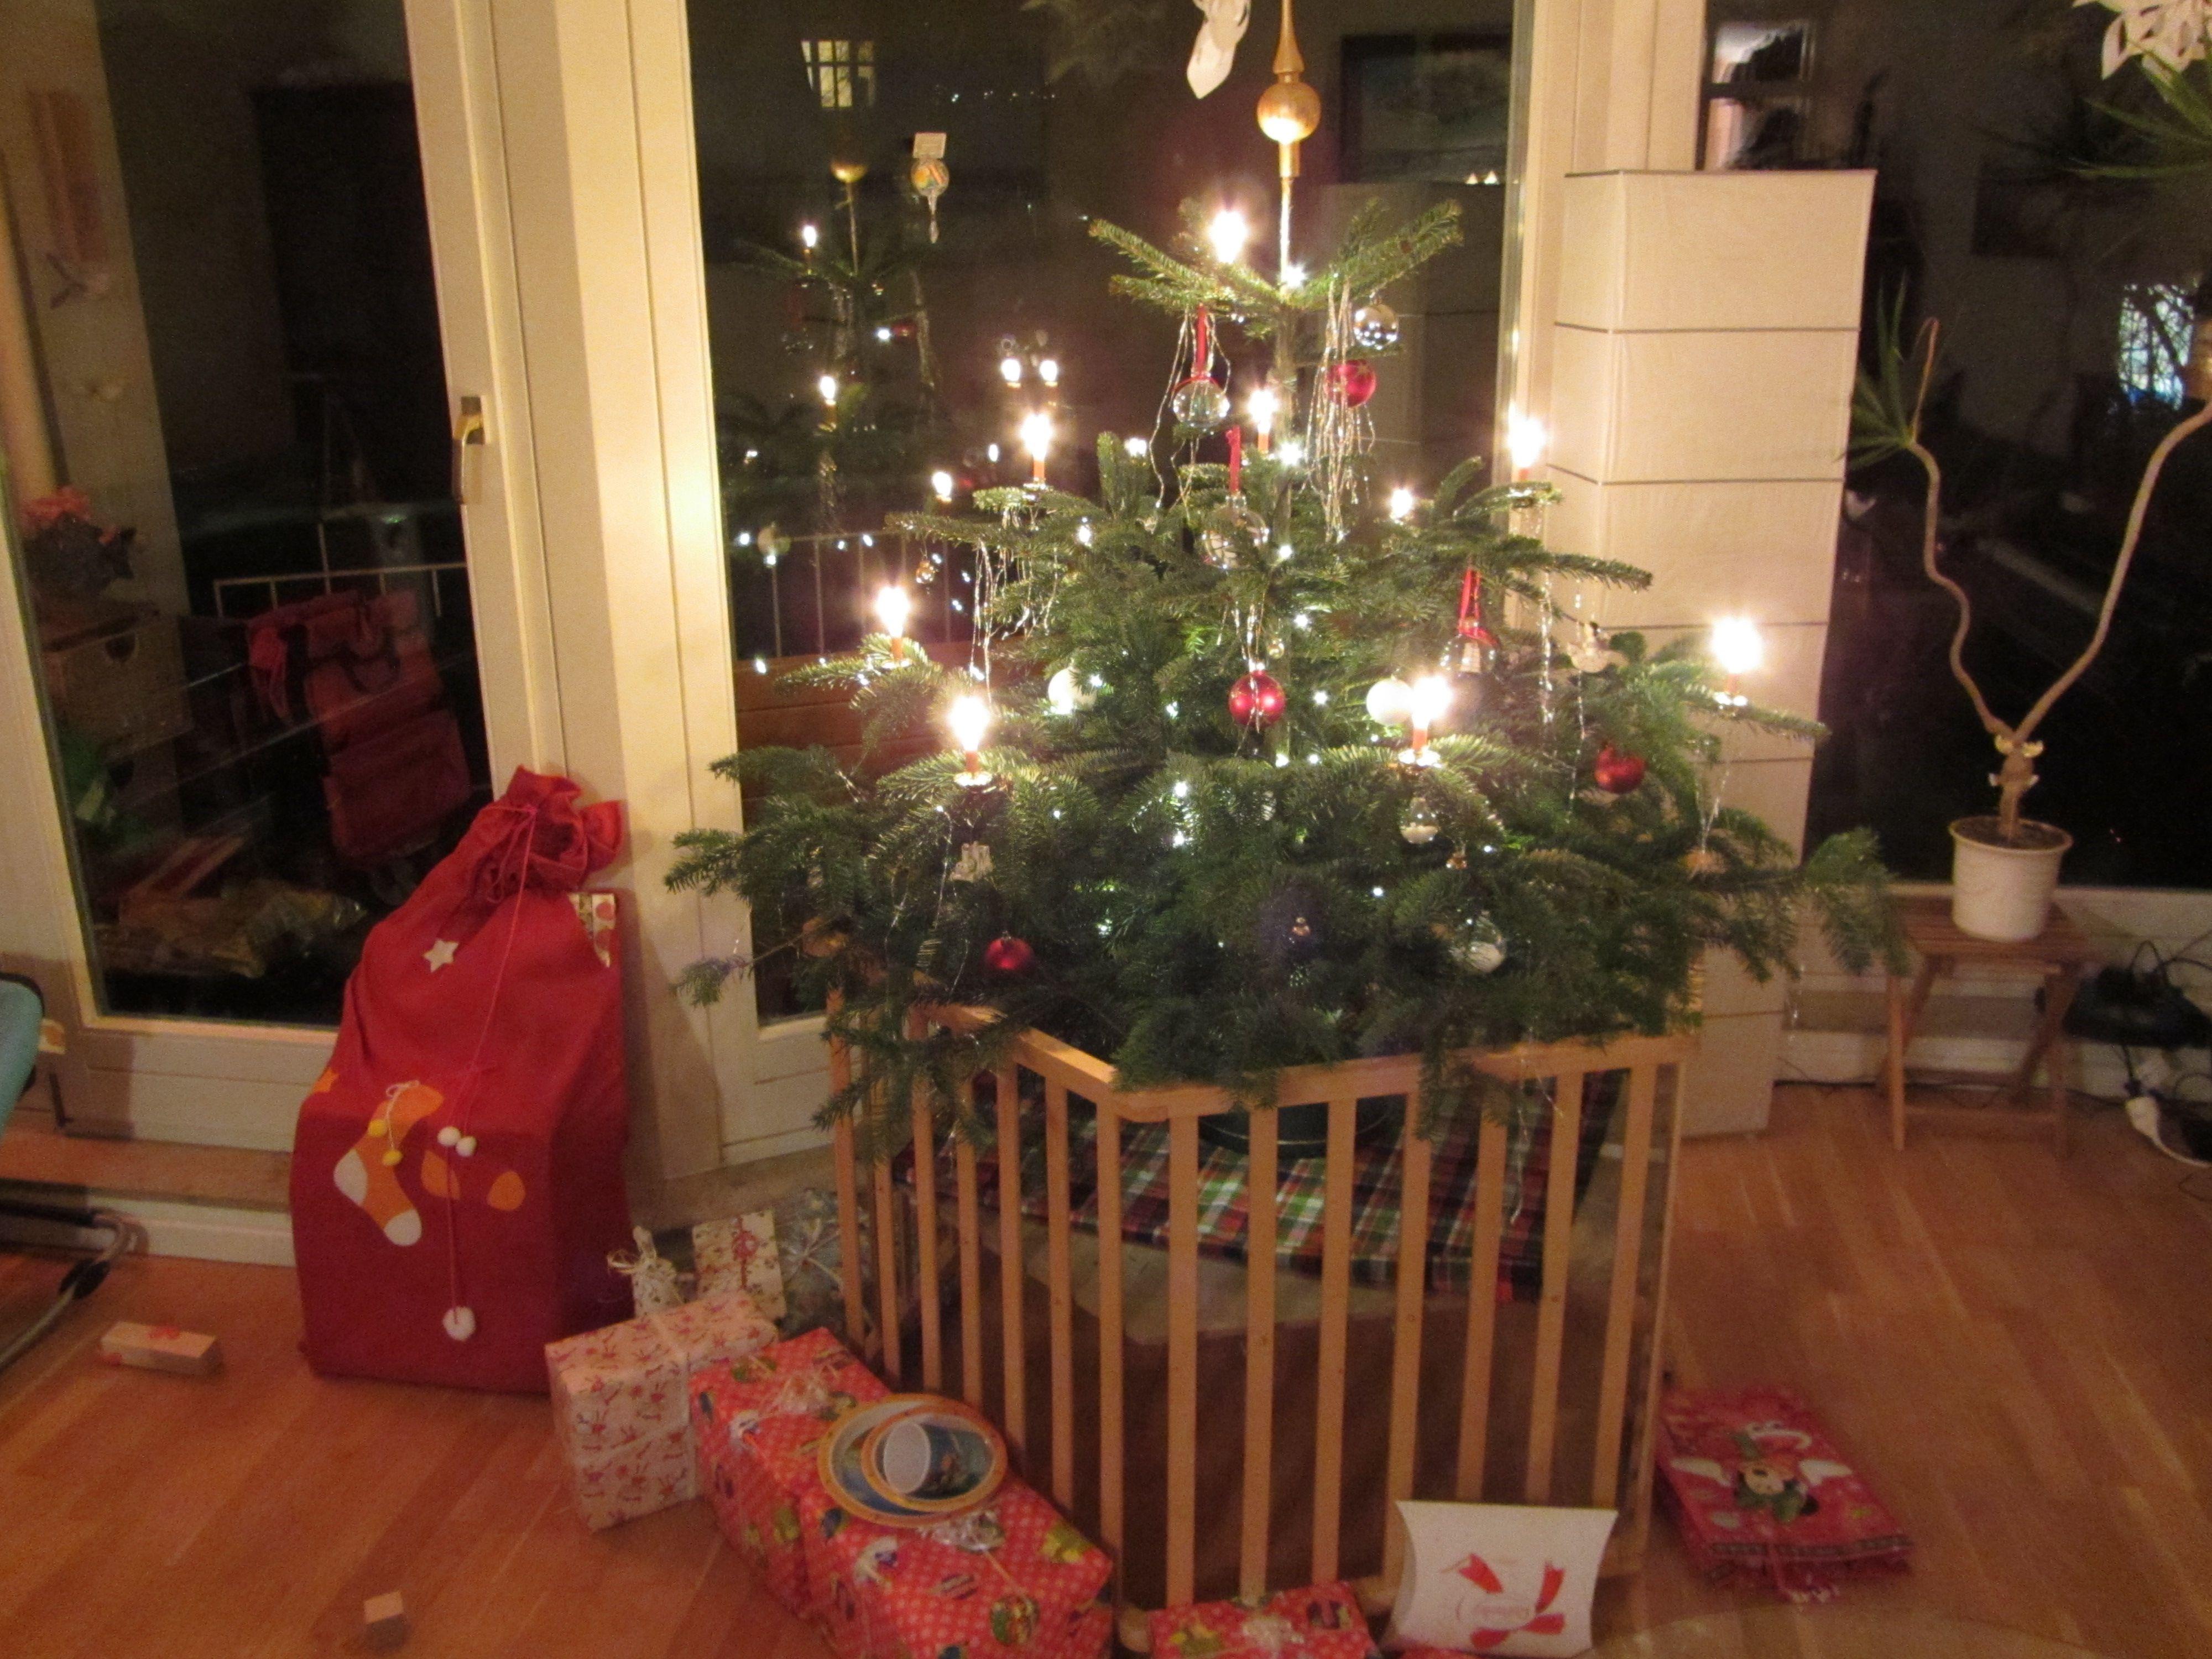 Weihnachtsbaum Mit Echten Kerzen Vor Kindern / Haustieren Sichern: Im  Laufstall   Christmas Tree In